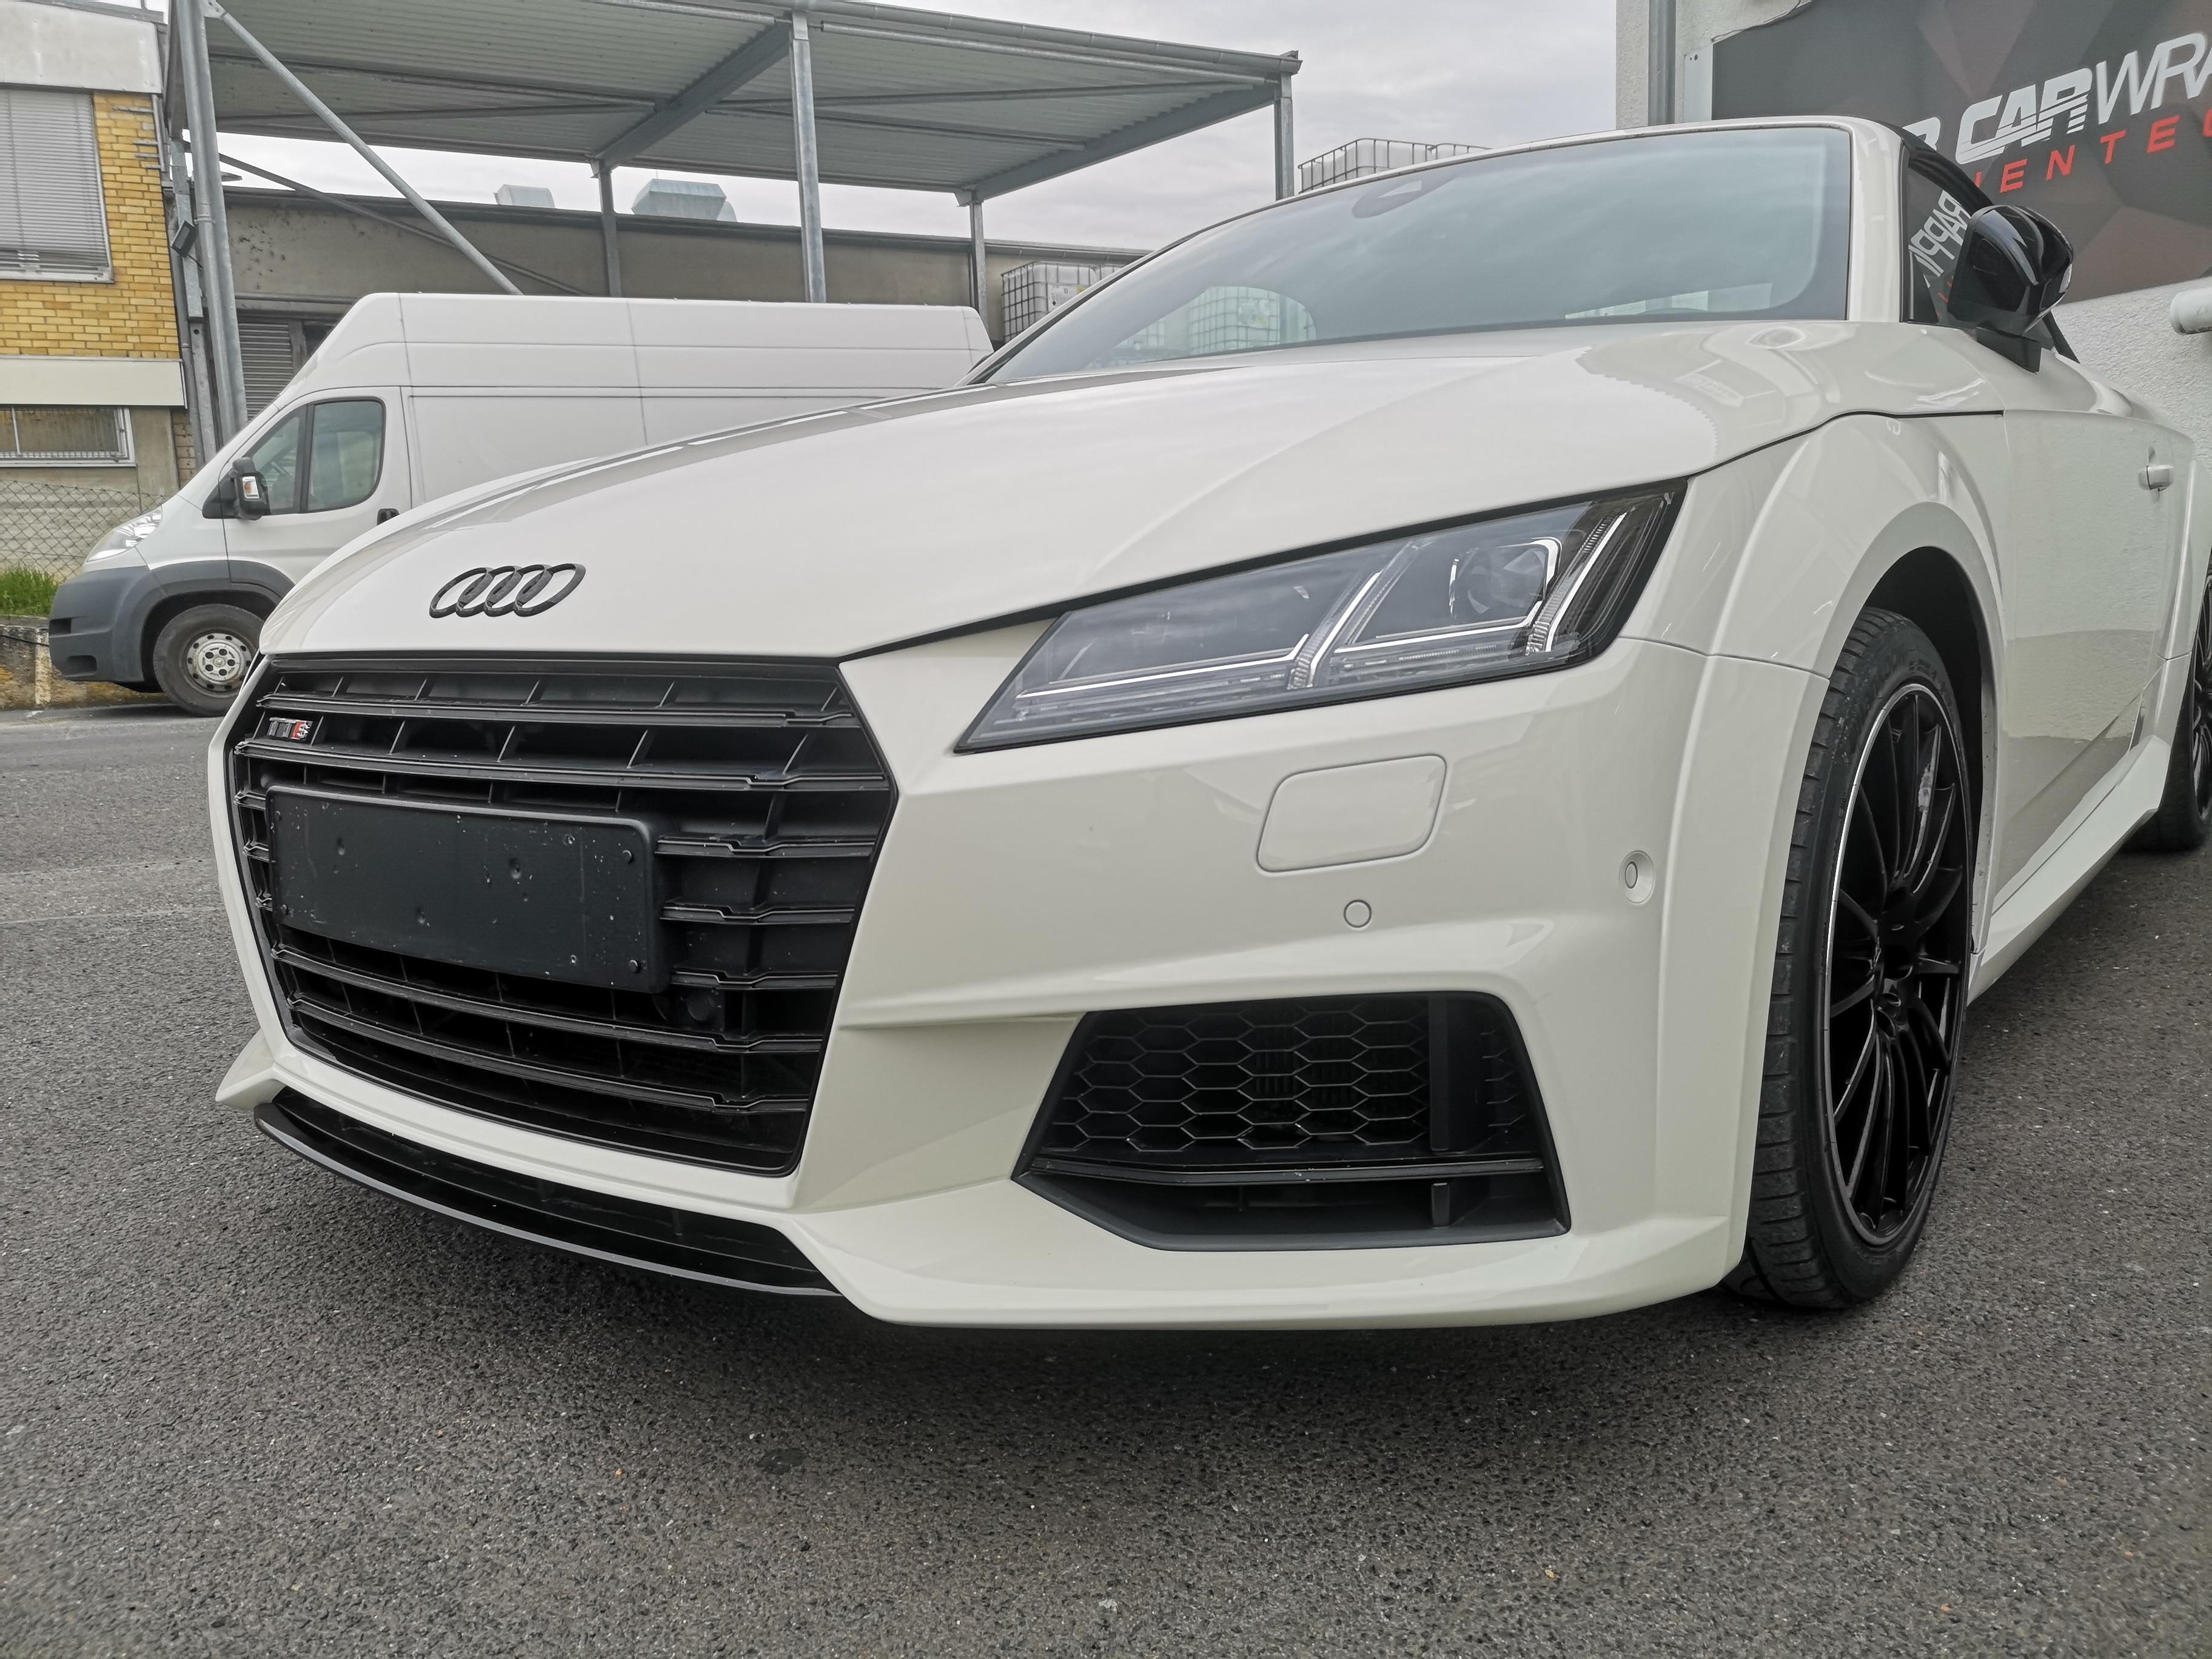 Audi TT Cabrio XPEL Lackschutz